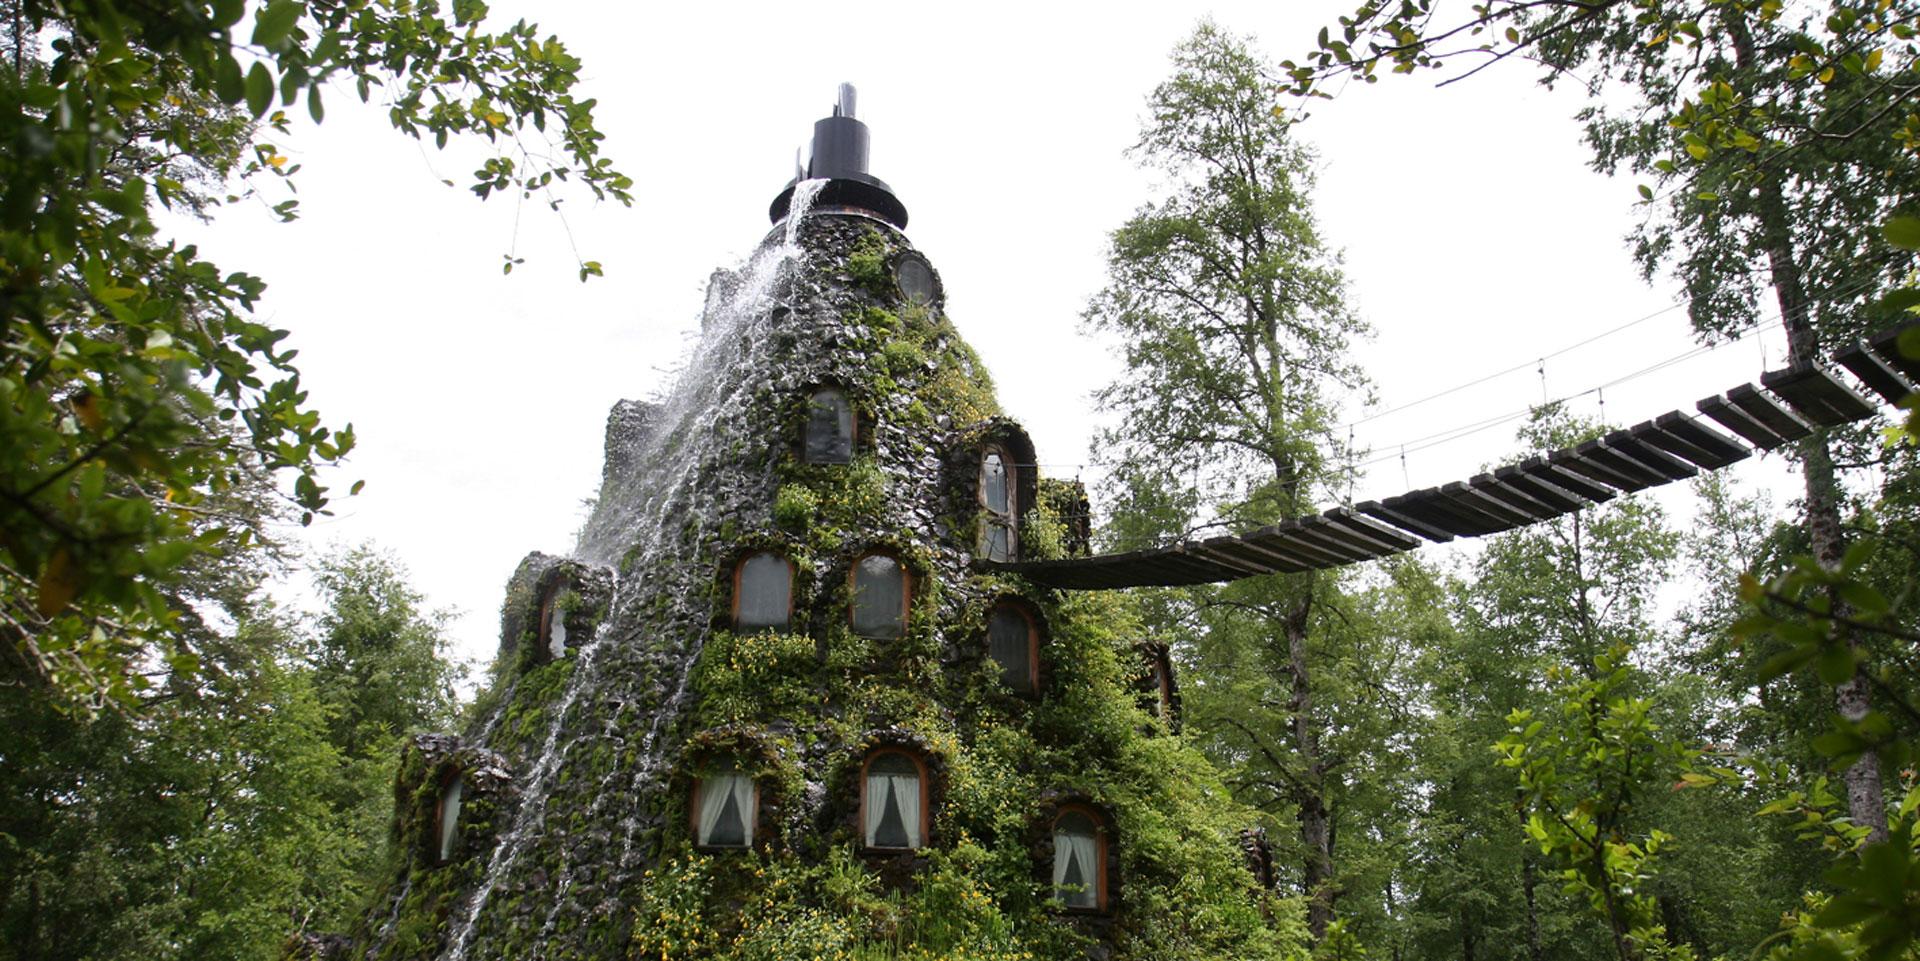 L'albergo-più-ecologico-e-originale---Magic-Mountain-Lodge